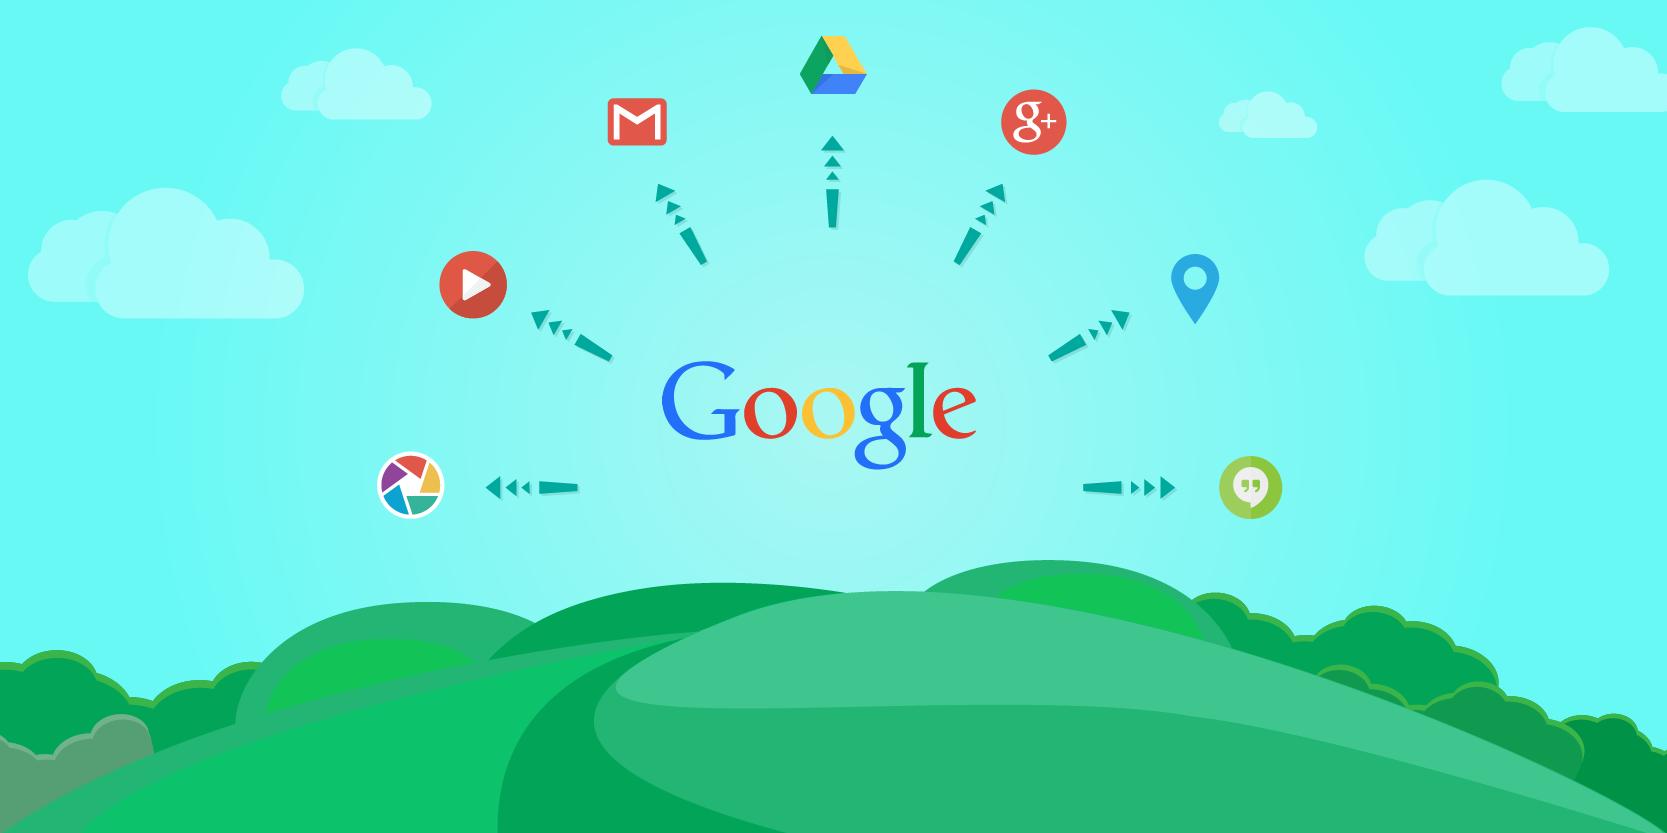 Imagen de qué es una cuenta Google.